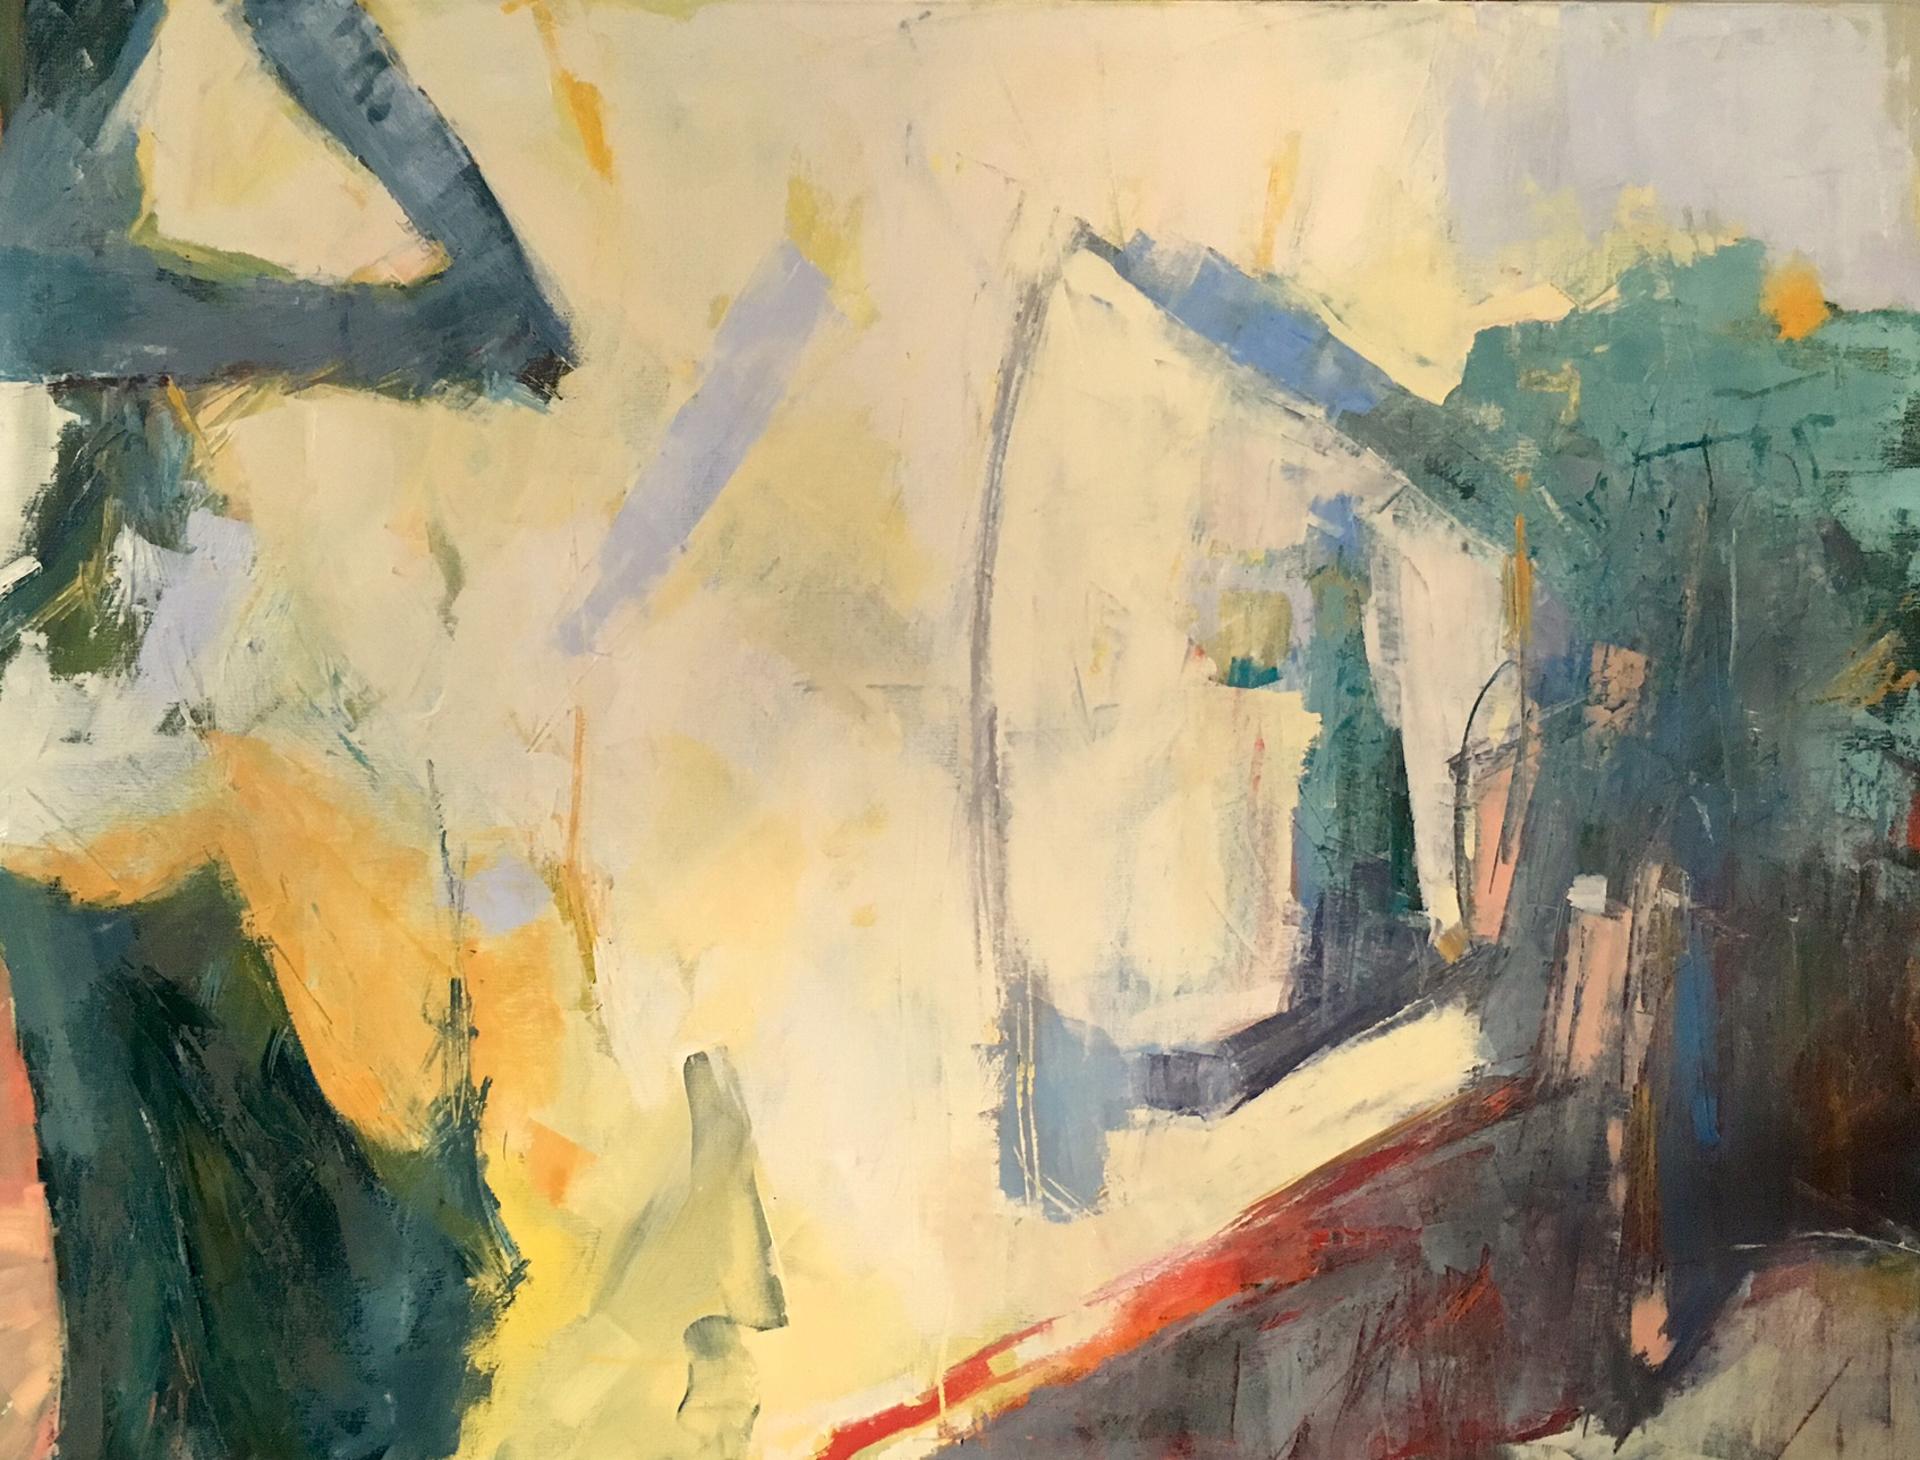 Benevolence  by Marissa Vogl